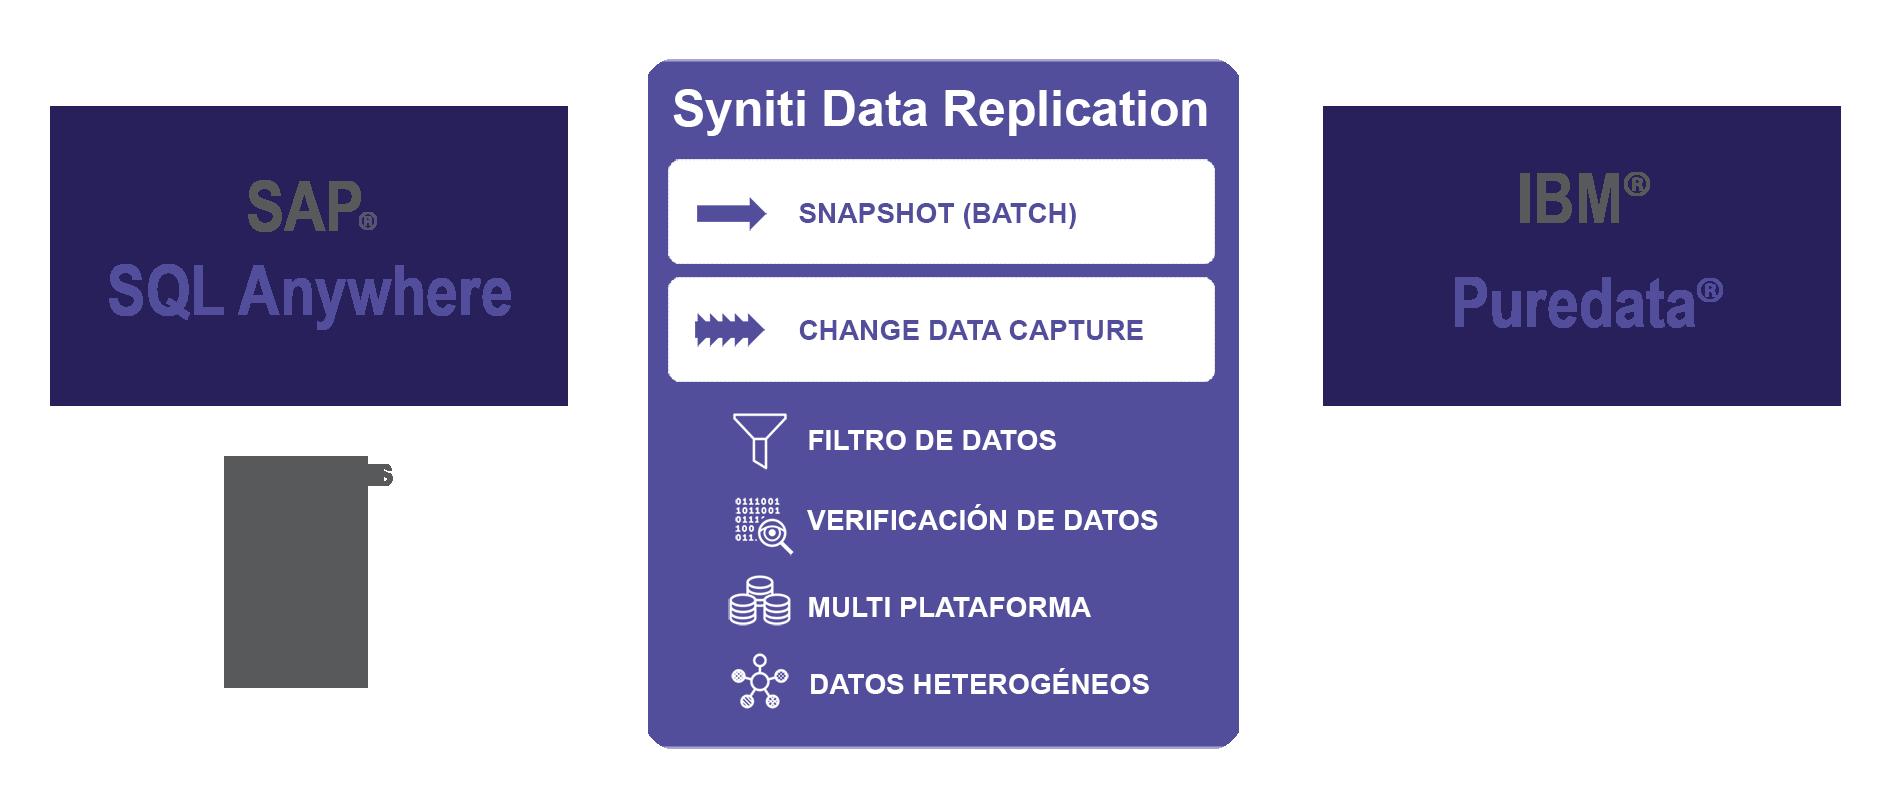 Replicación de datos SQL Anywhere a Puredata (Netezza)